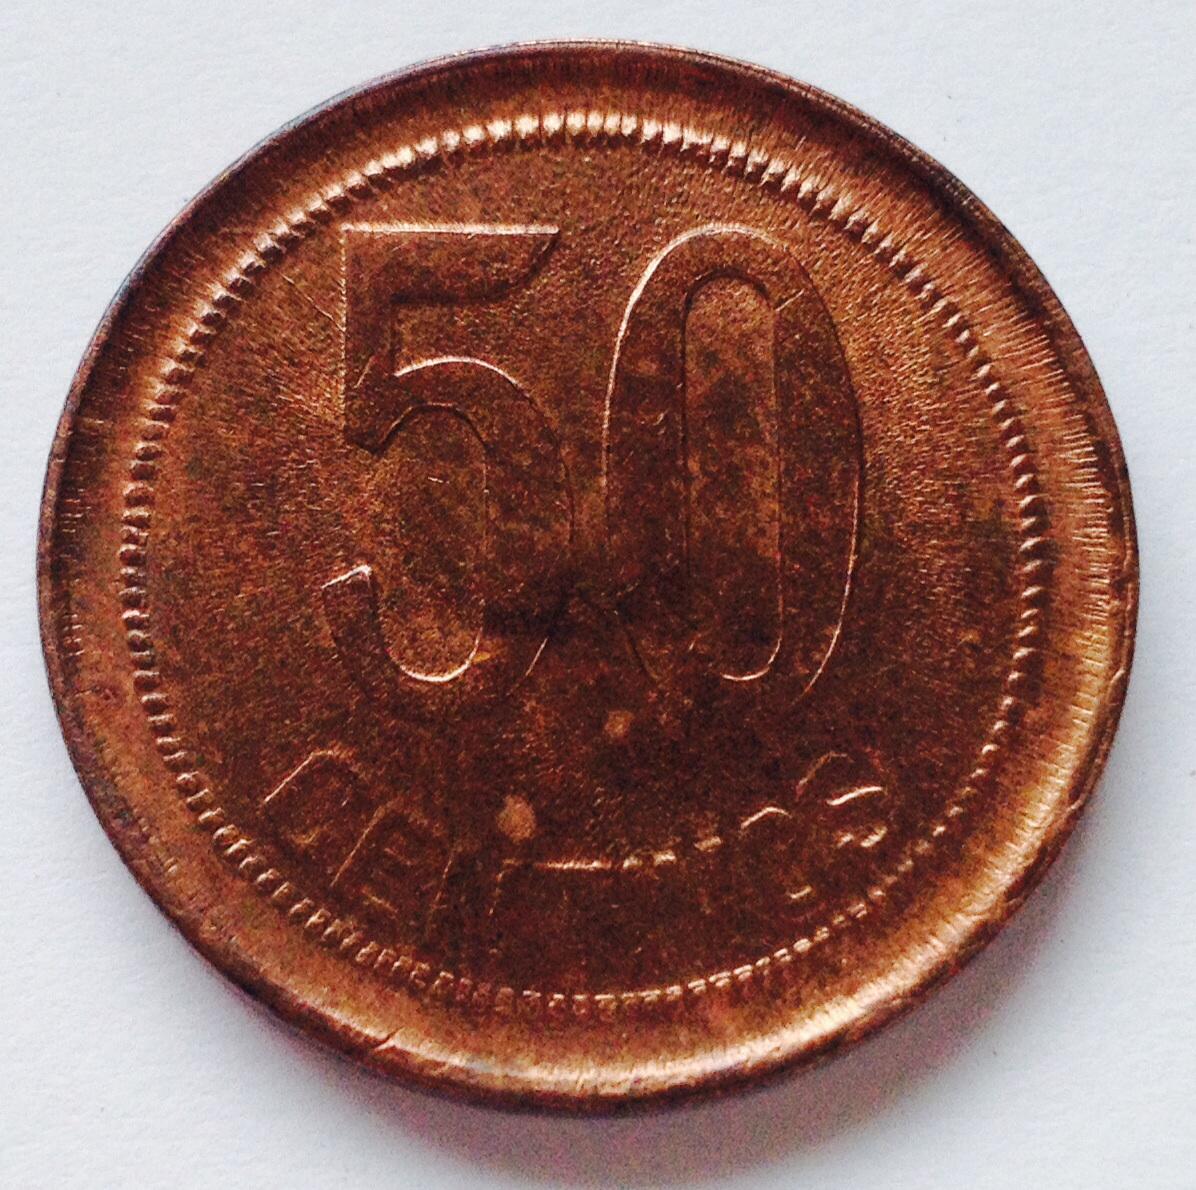 50 céntimos 1937 II República Image